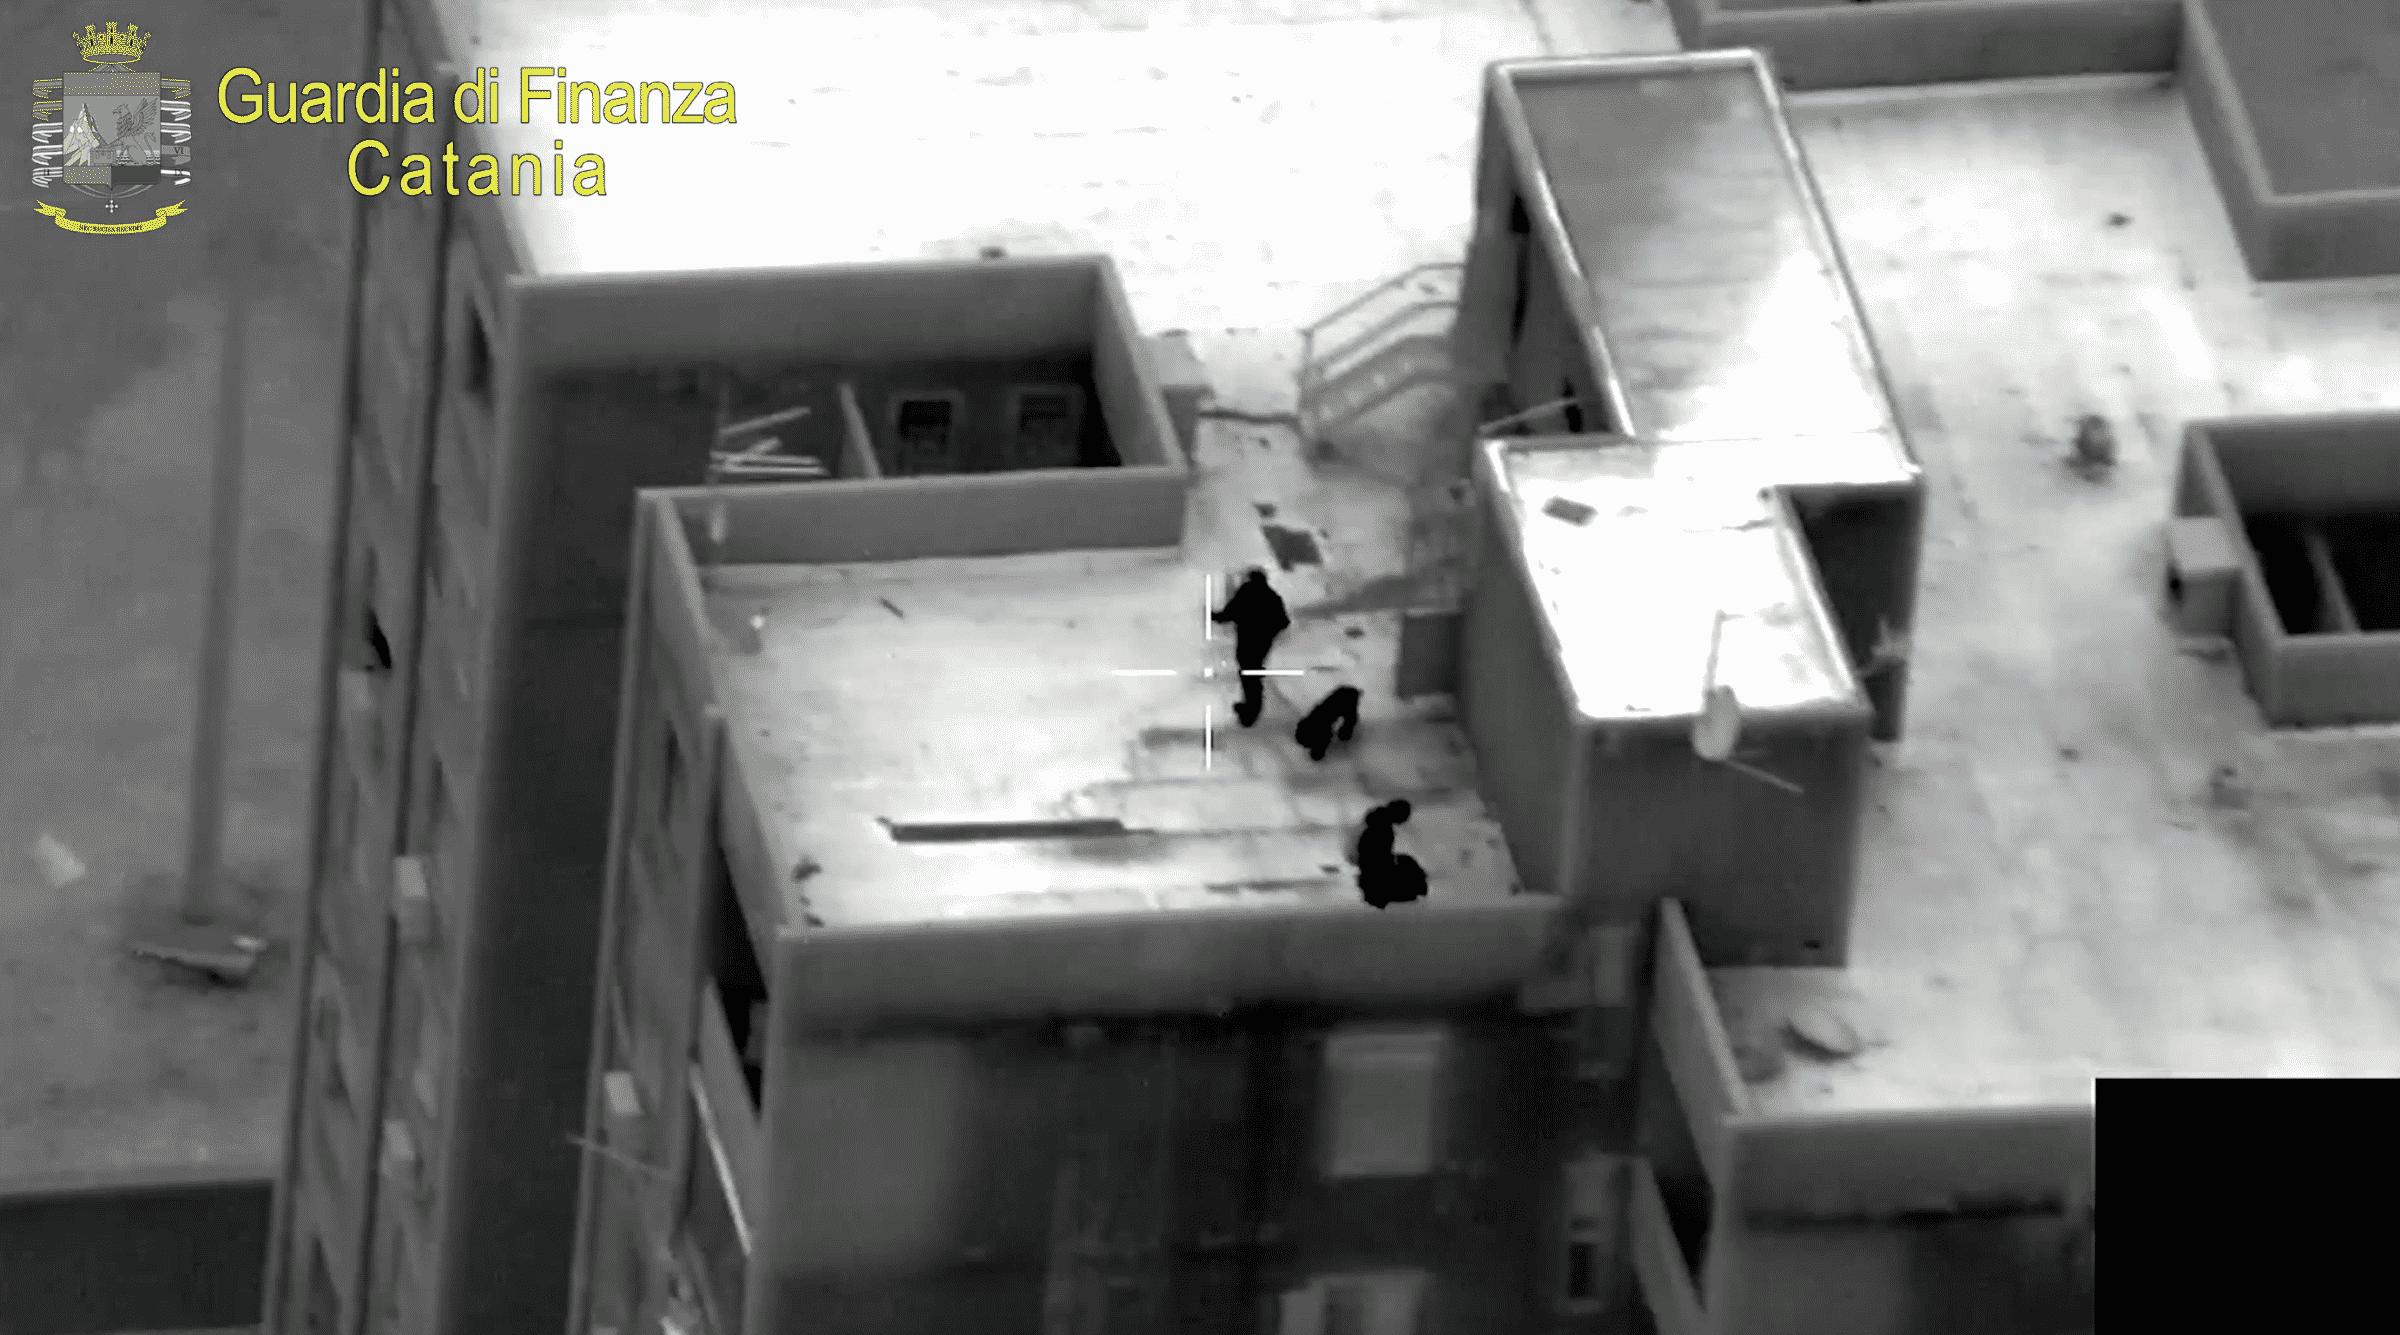 Operazione antidroga, 16 arresti in corso: stroncato traffico di stupefacenti tra Catania e il carcere di Augusta-Brucoli – IL VIDEO